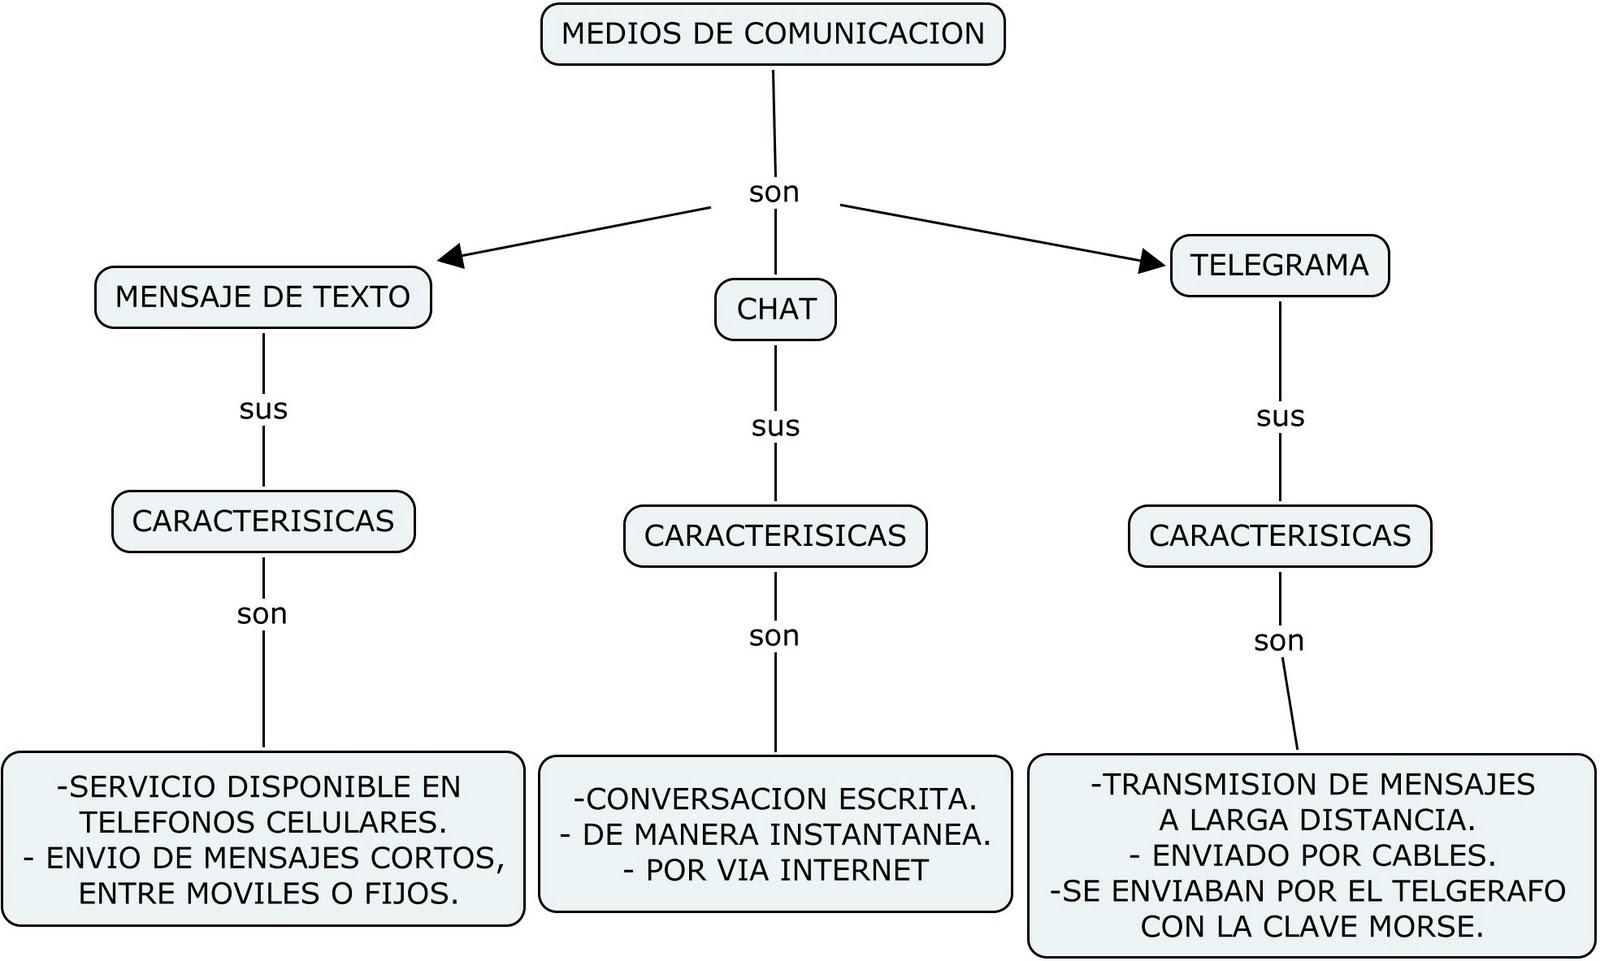 """MAPA CONCEPTUAL """"MEDIOS DE COMUNICACION"""""""